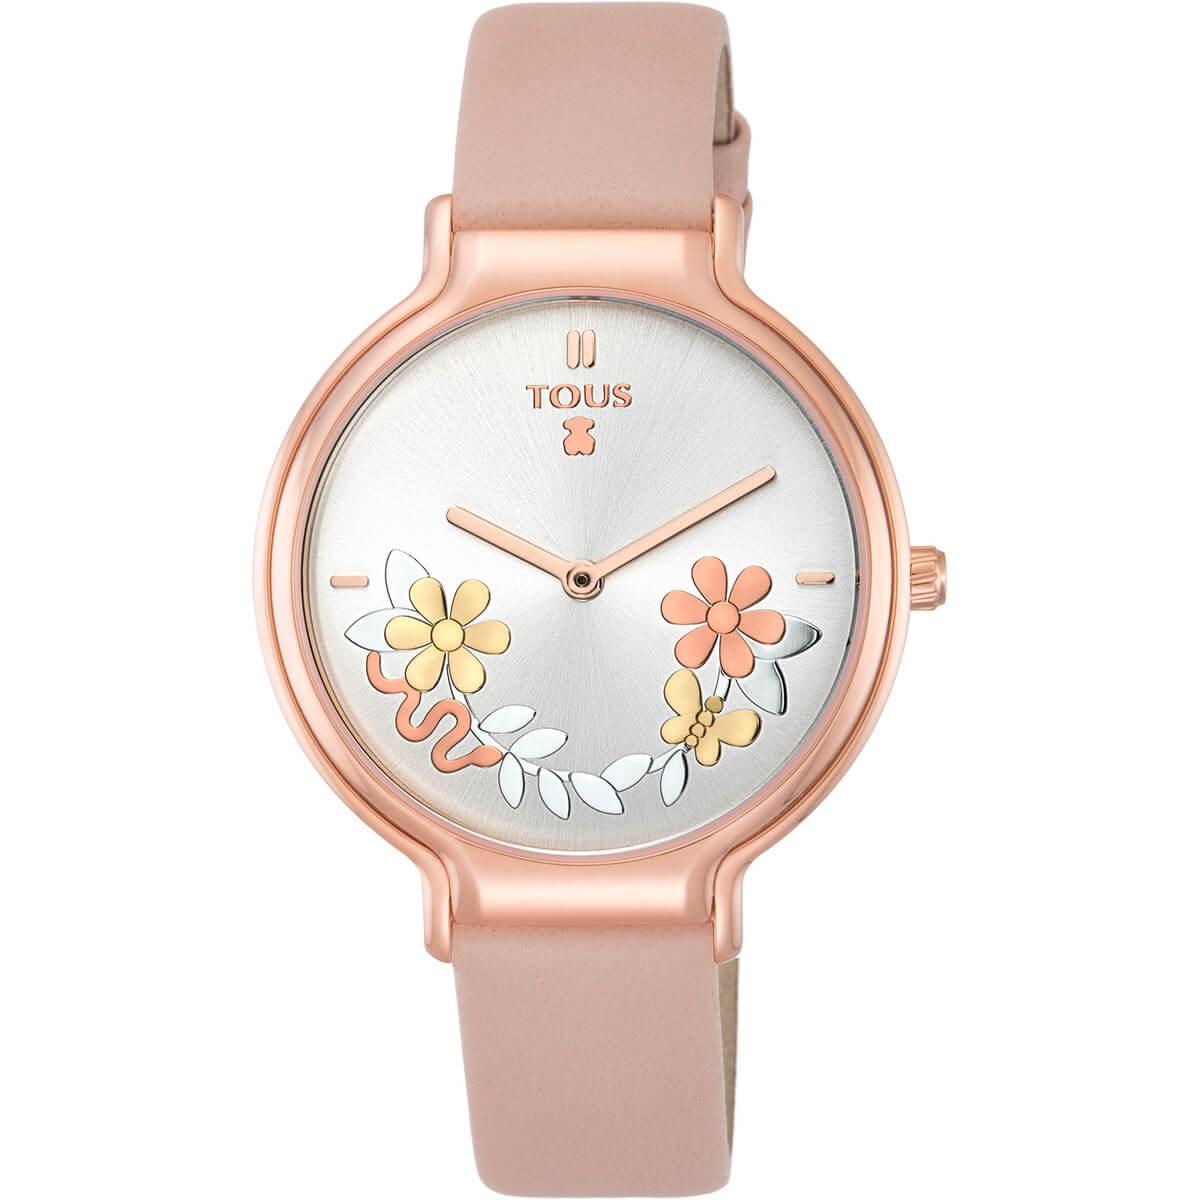 Reloj tous mujer fondo de esferra color plata y caja acabado en ip rosado.